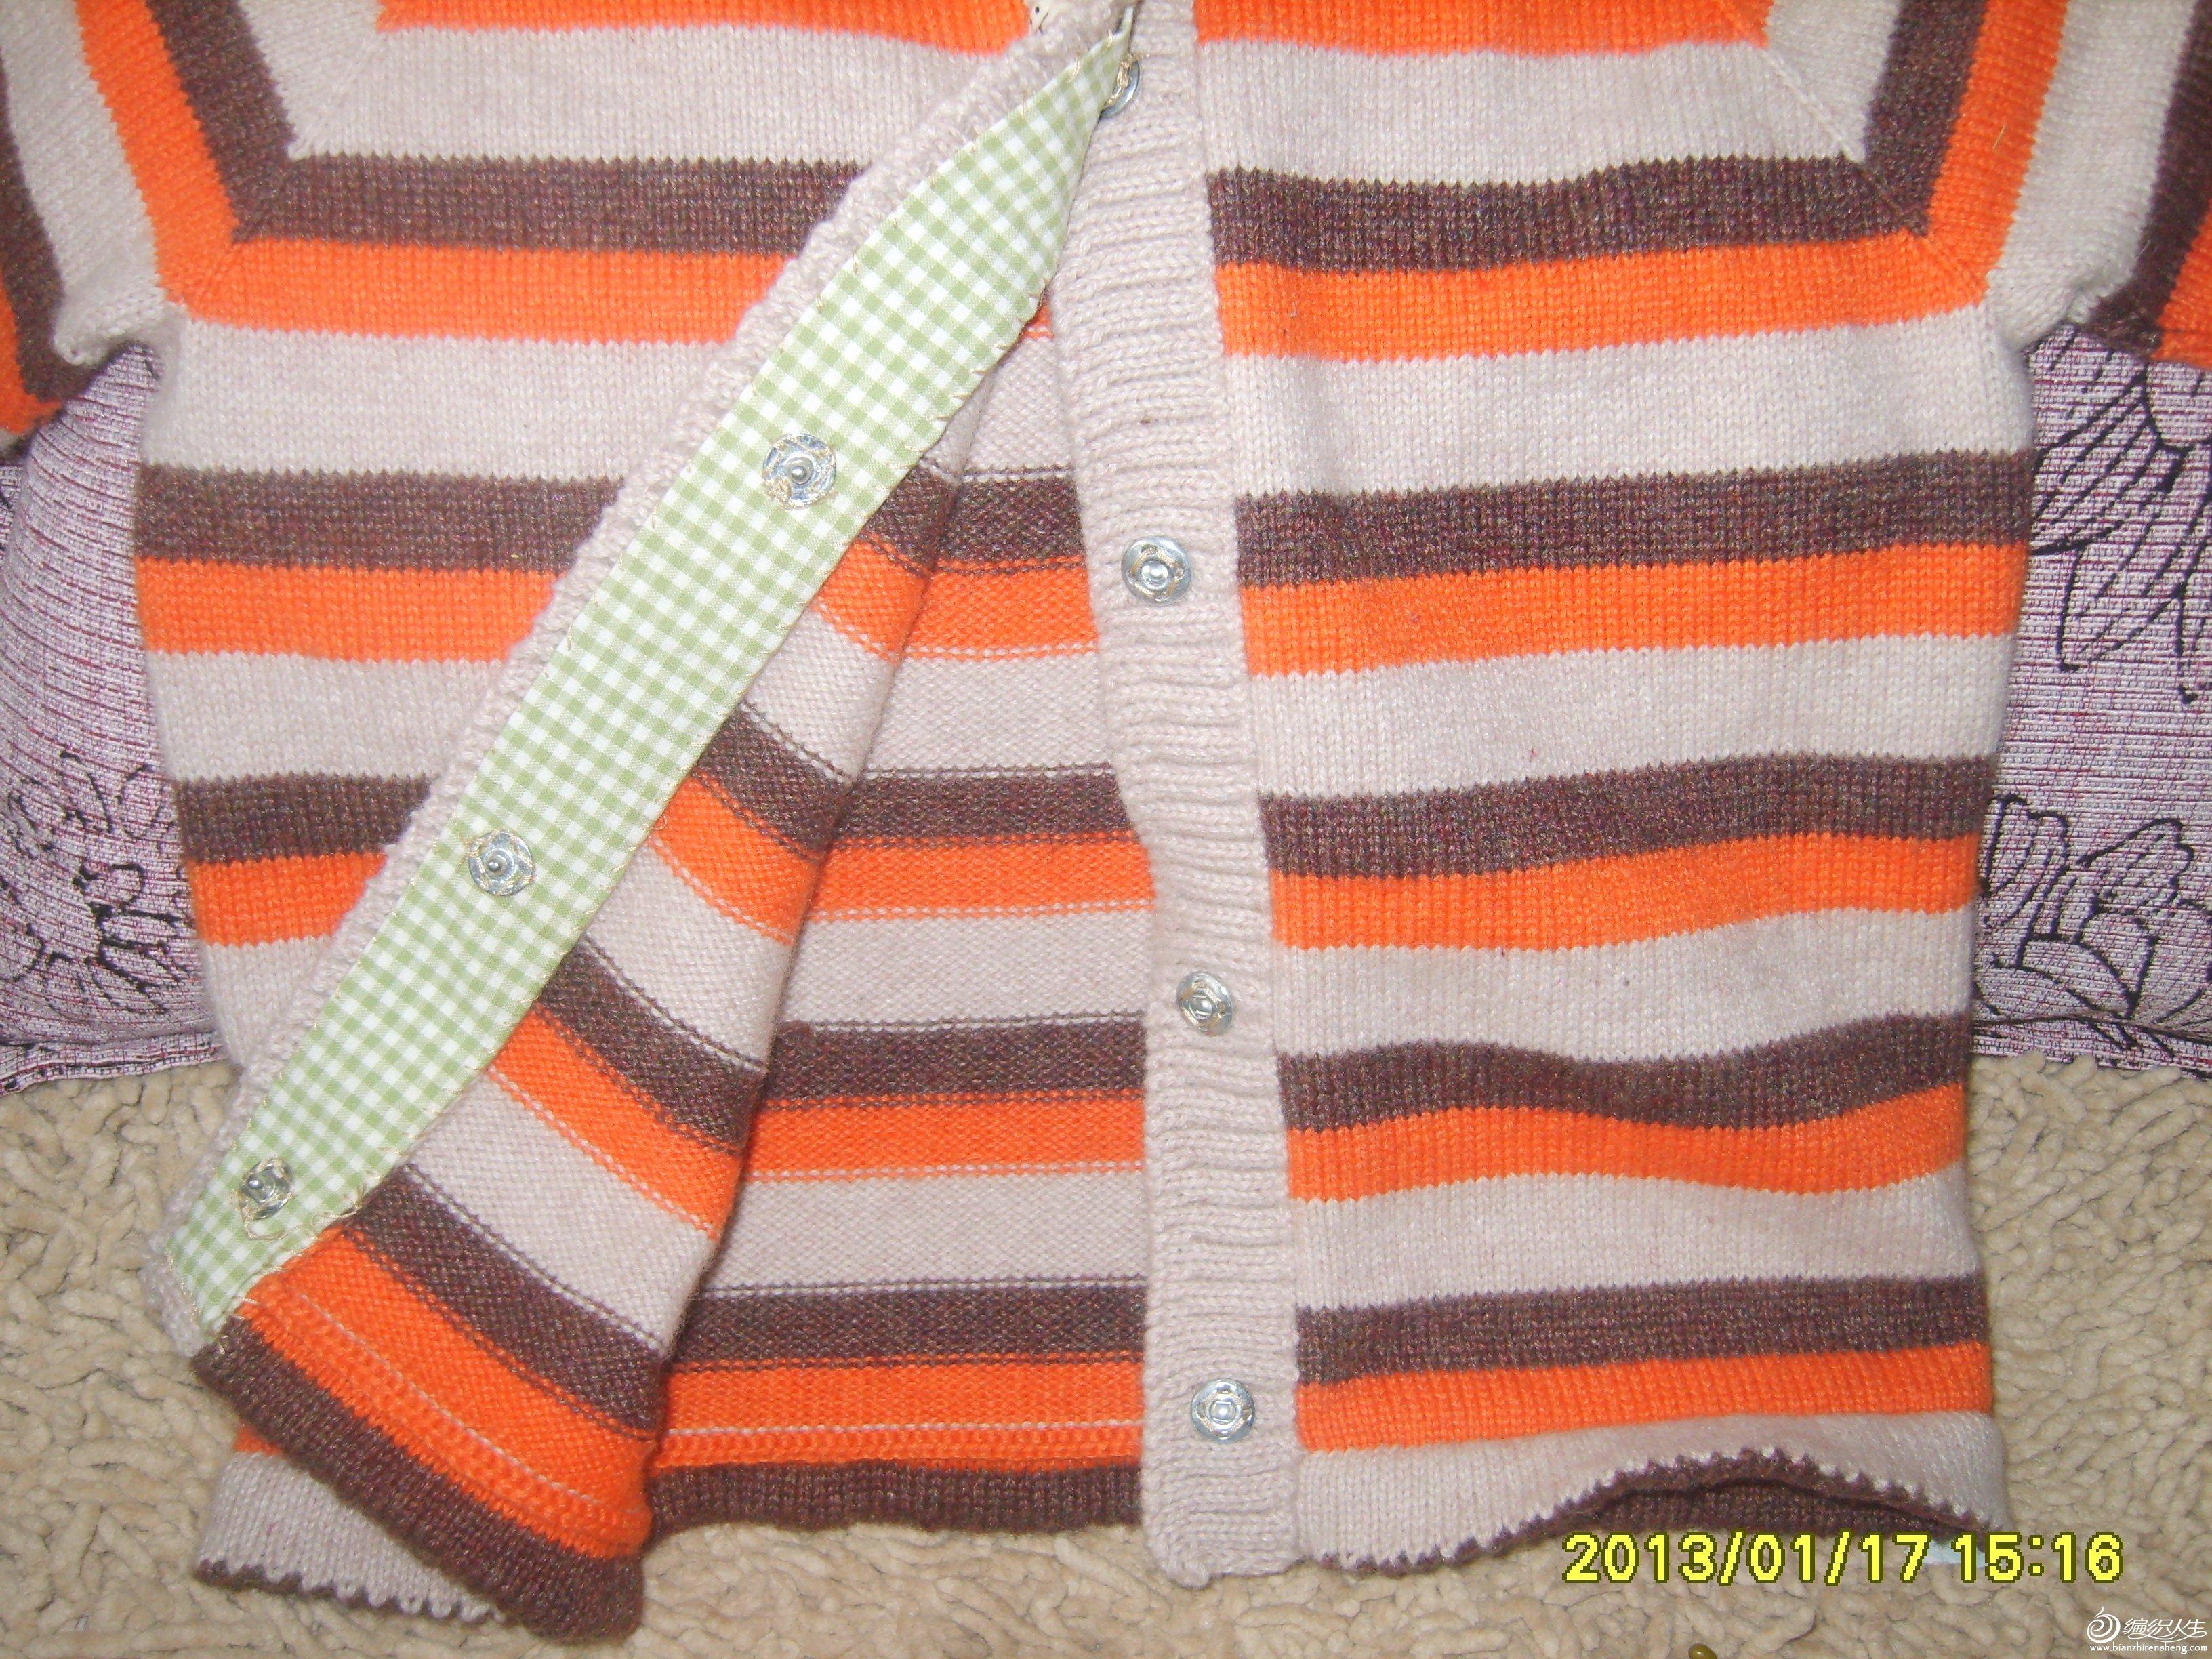 女儿九月份要上幼儿园了,为方便穿脱,订了暗扣,为防变形,又用布在门襟处缝了一遍,效果如何还有待实践。 ...